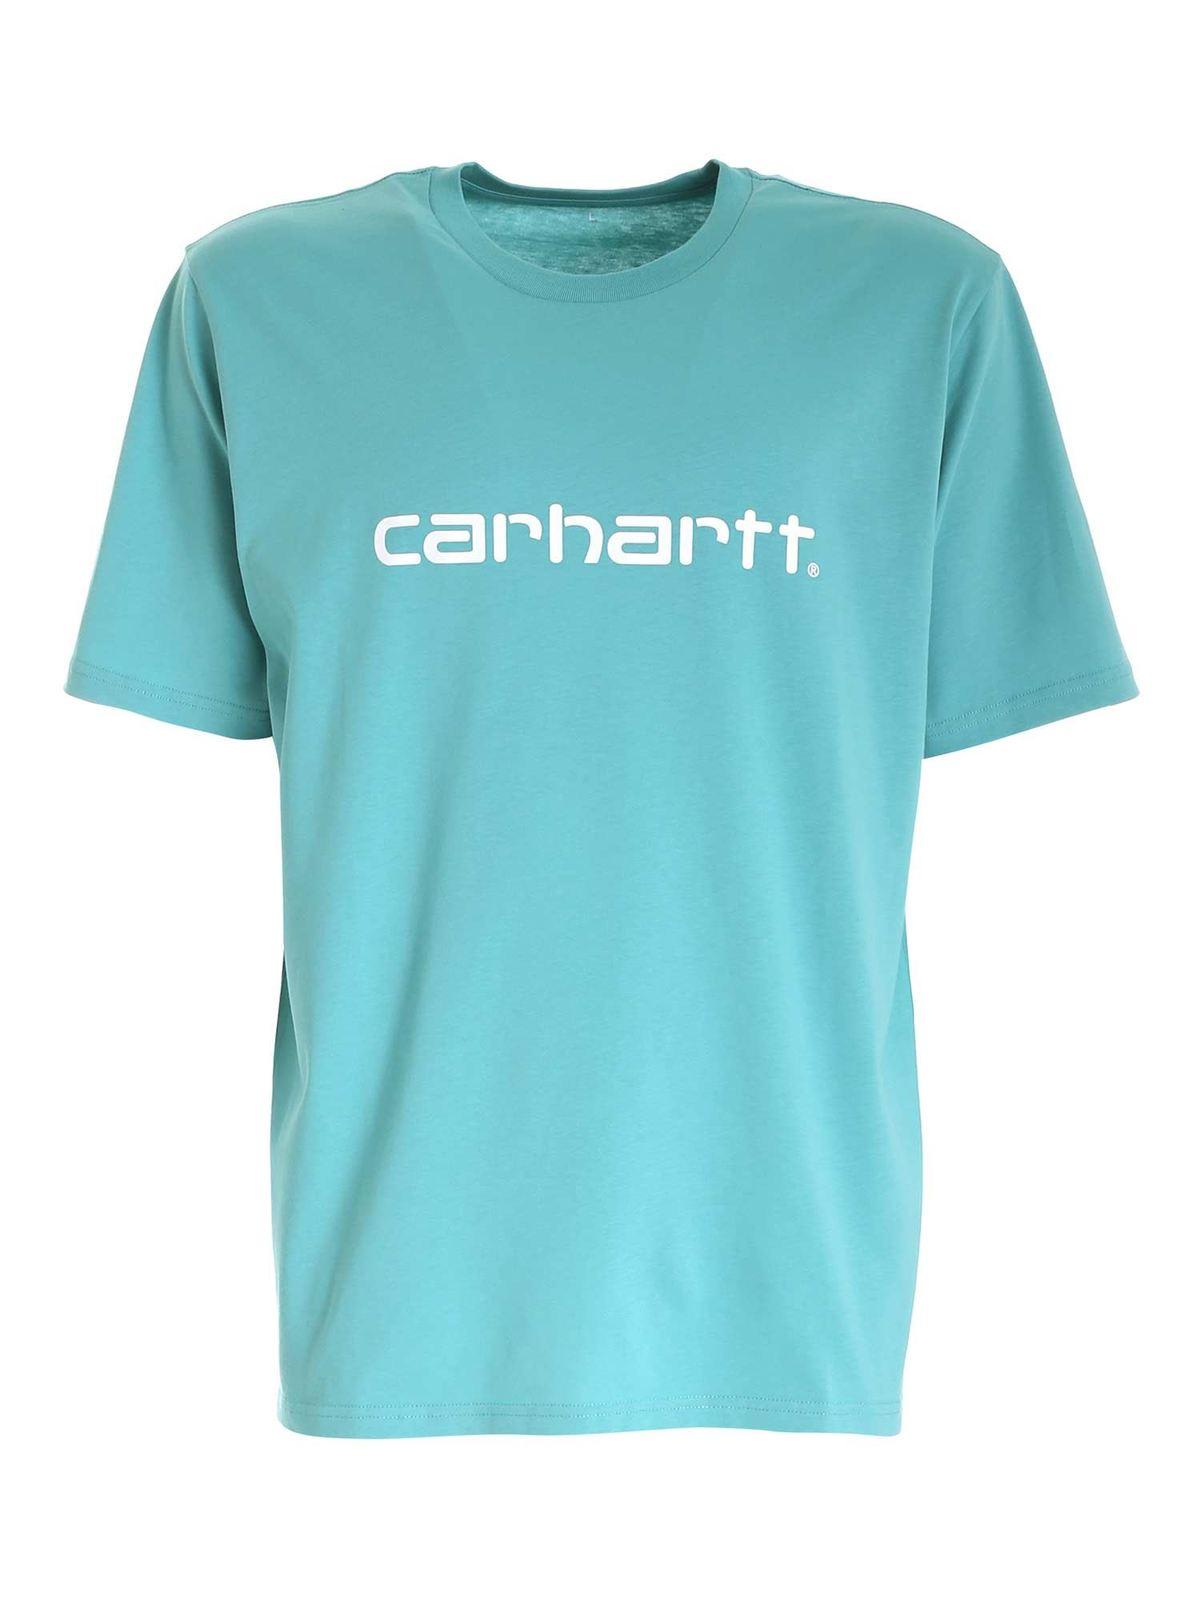 Carhartt WHITE LOGO PRINT T-SHIRT IN LIGHT BLUE